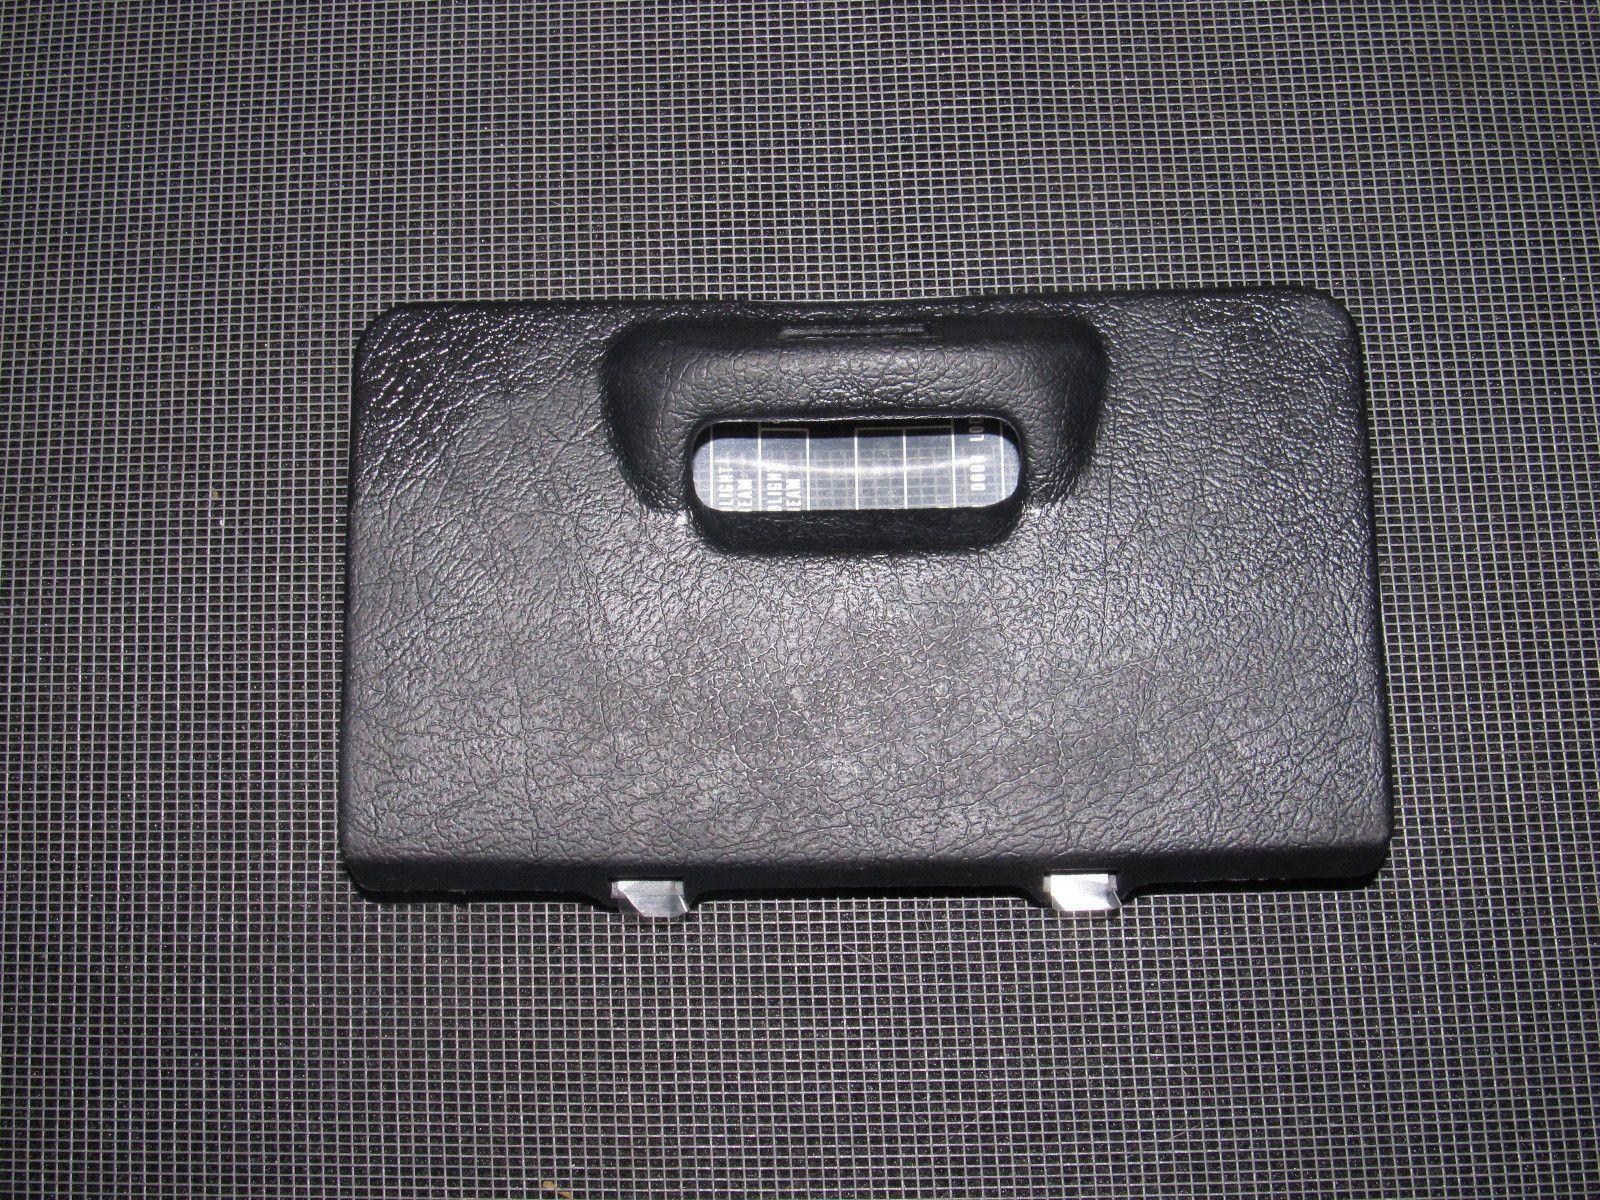 93 94 95 Honda Del Sol Oem Interior Fuse Box Autopartone Wiring 1993 Prelude Diagram 96 97 Cover